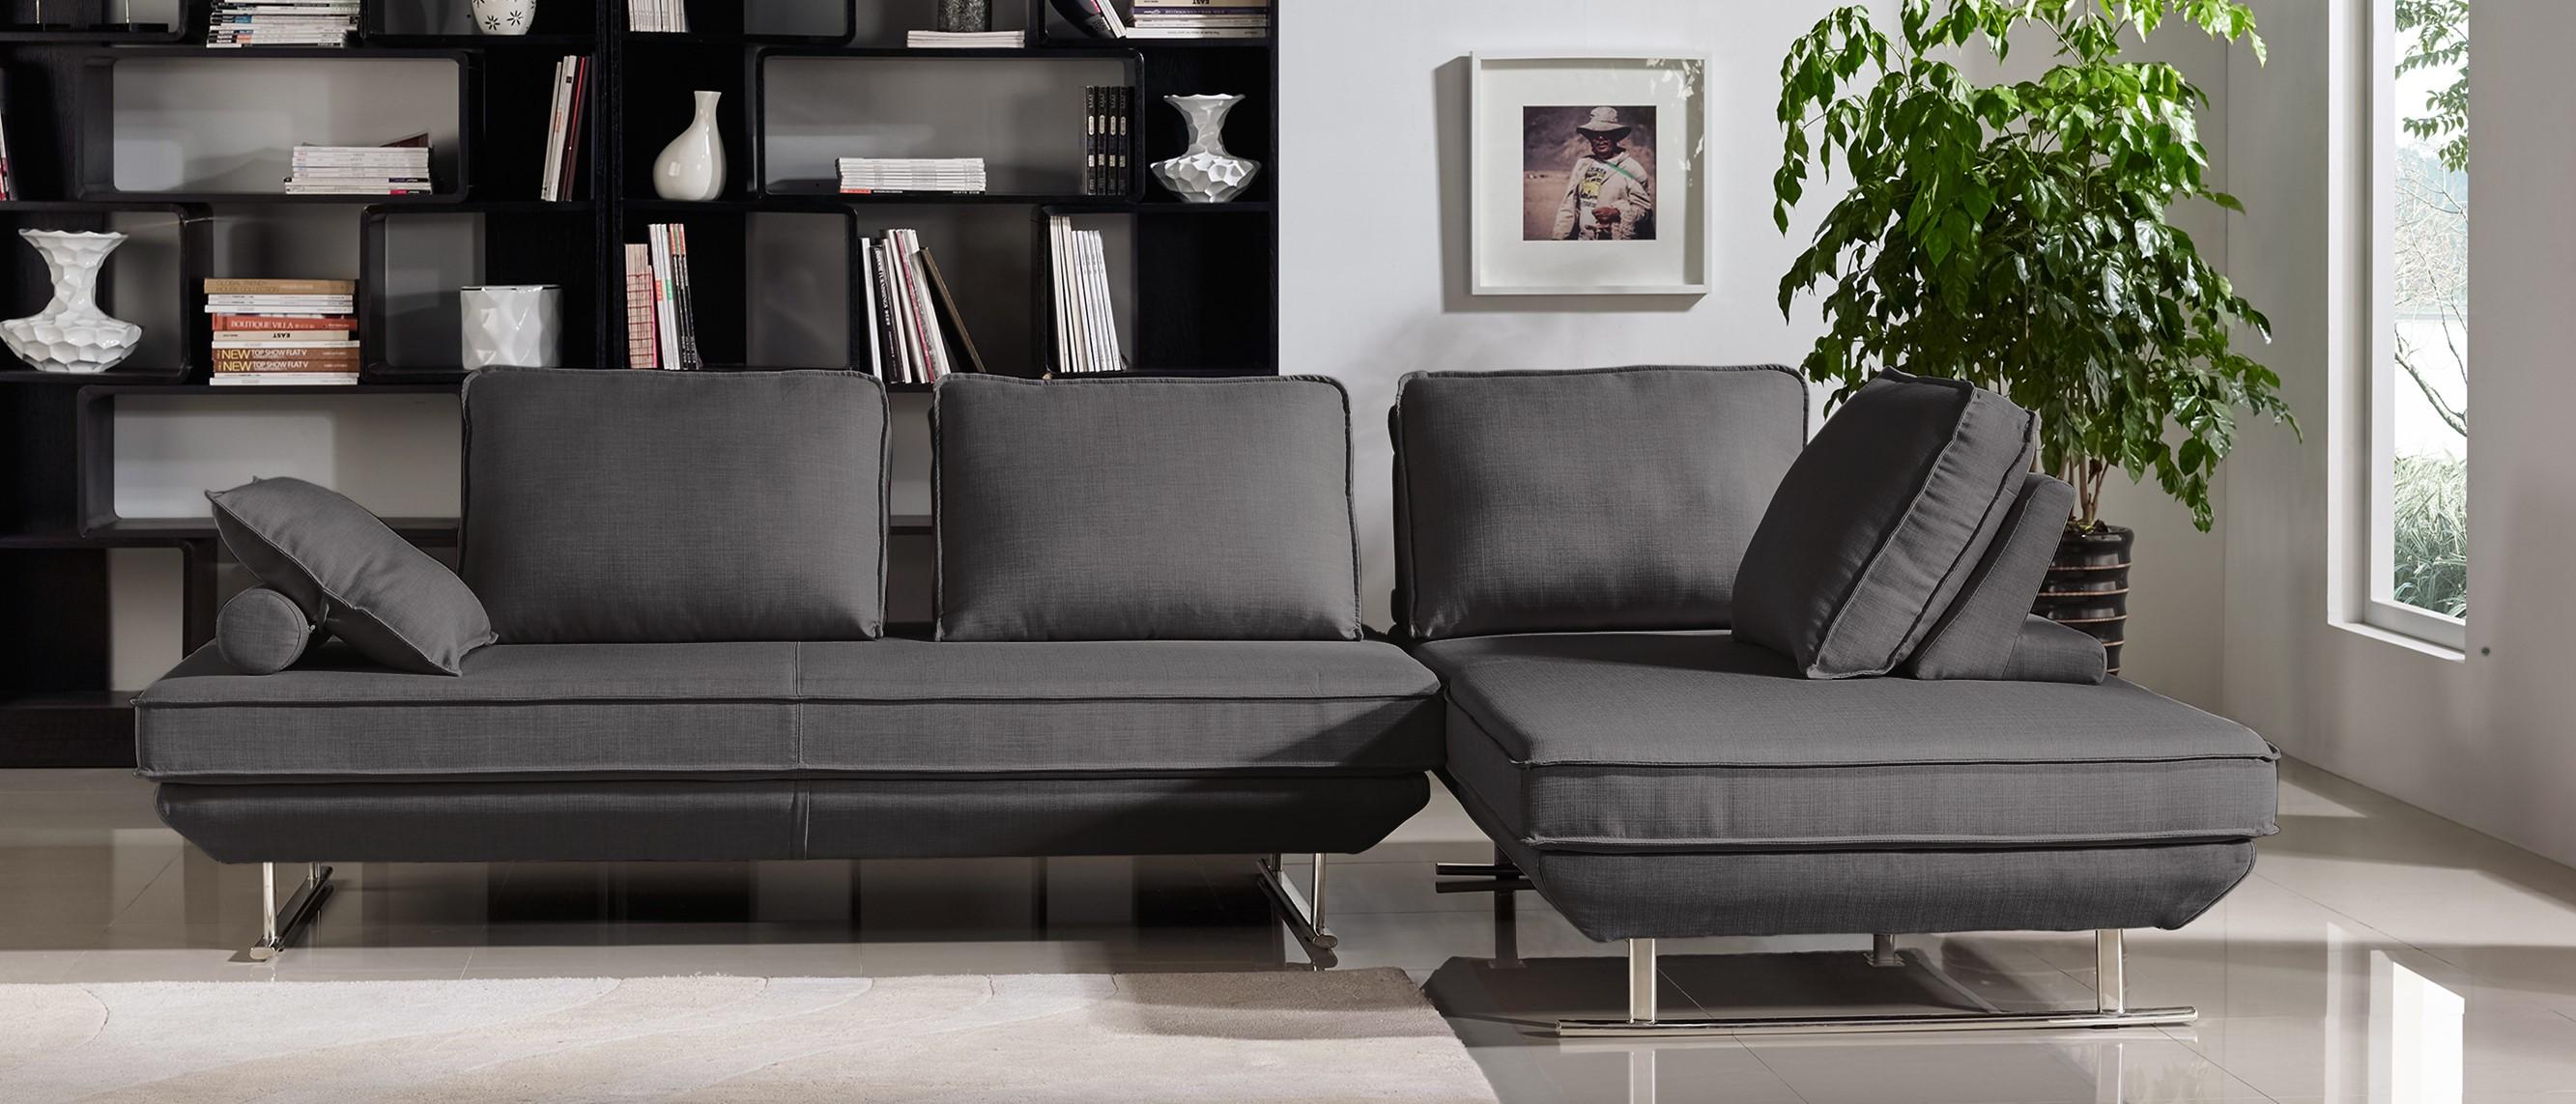 Red Knot Kapolei reviews | Furniture Stores at 707 Manawai Street - Kapolei HI